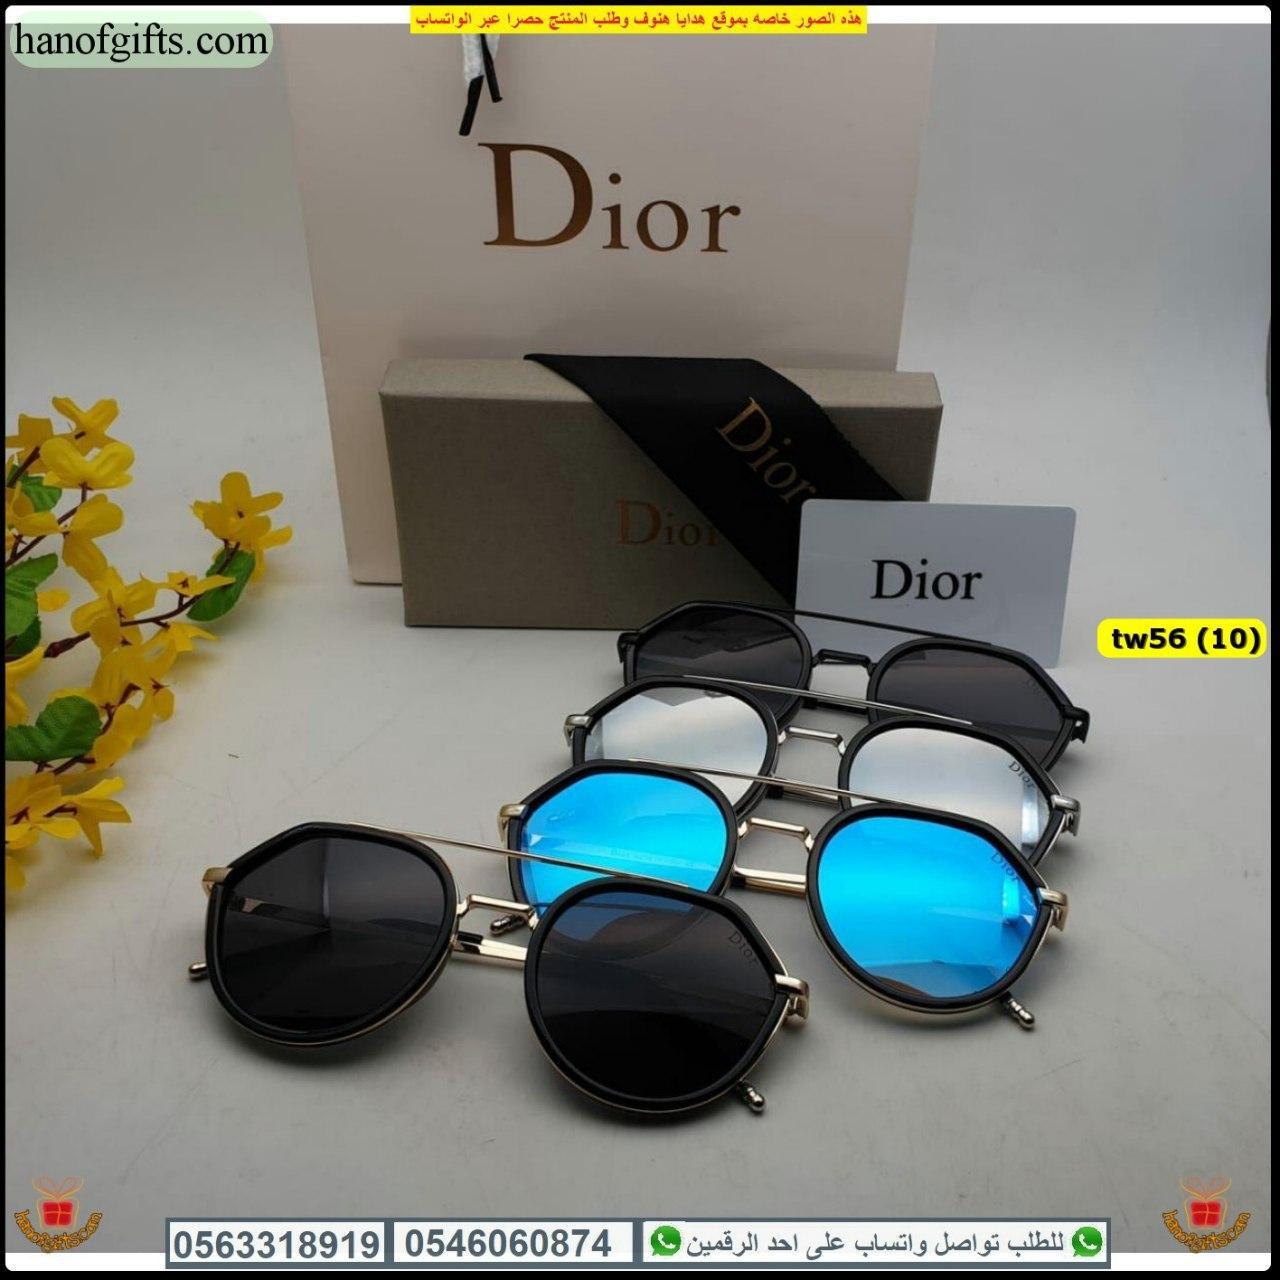 نظارات ديور الجديدة